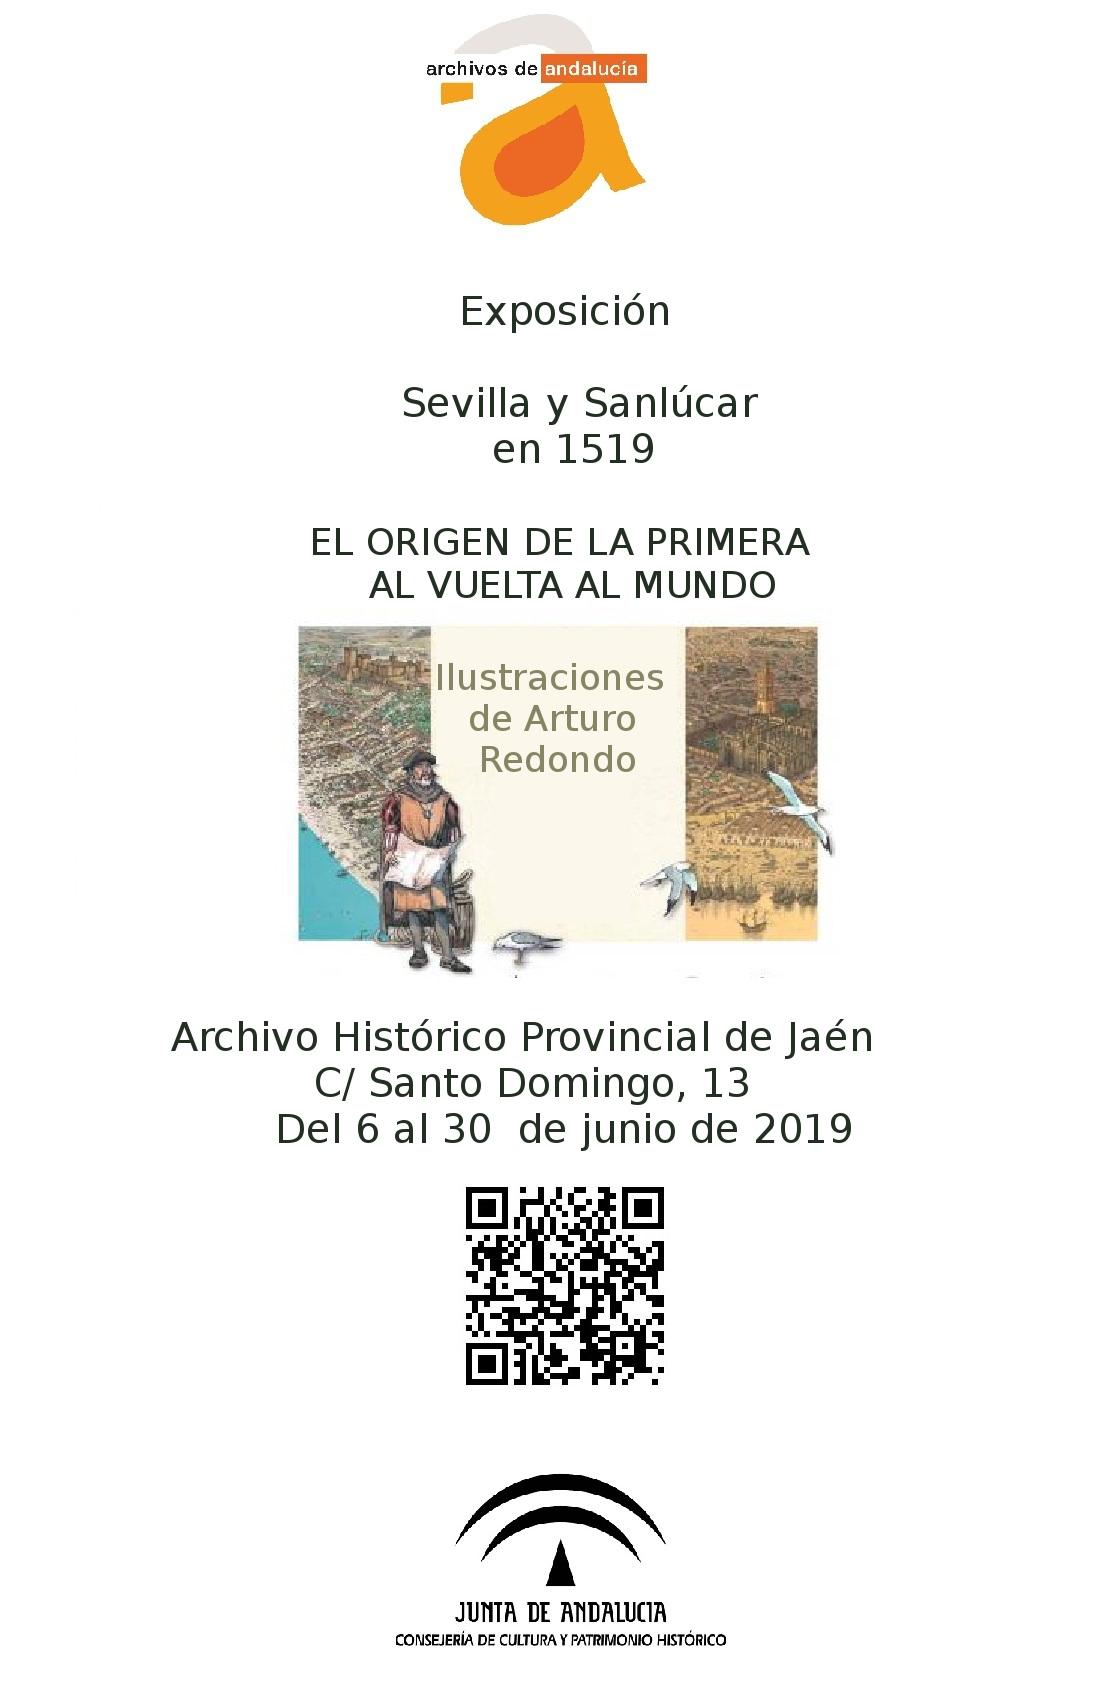 2019-04-03 Día de Internacional de los Archivos